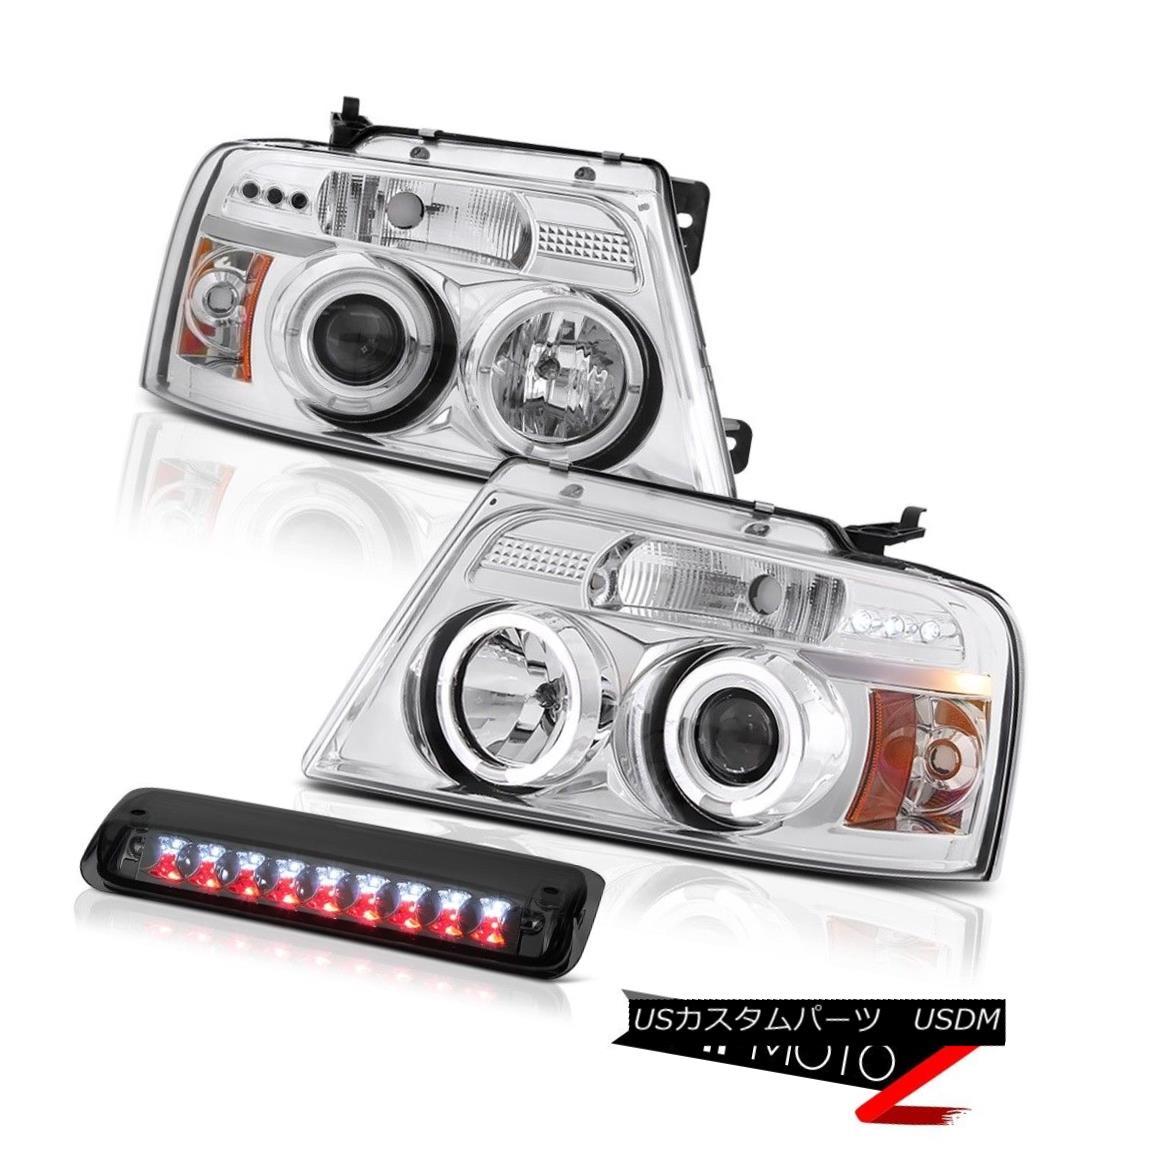 テールライト 04 05 06 07 08 Ford F150 XL 3RD Brake Light Euro Clear Headlights LED Halo Rim 04 05 06 07 08フォードF150 XL 3RDブレーキライトユーロクリアヘッドライトLEDハローリム